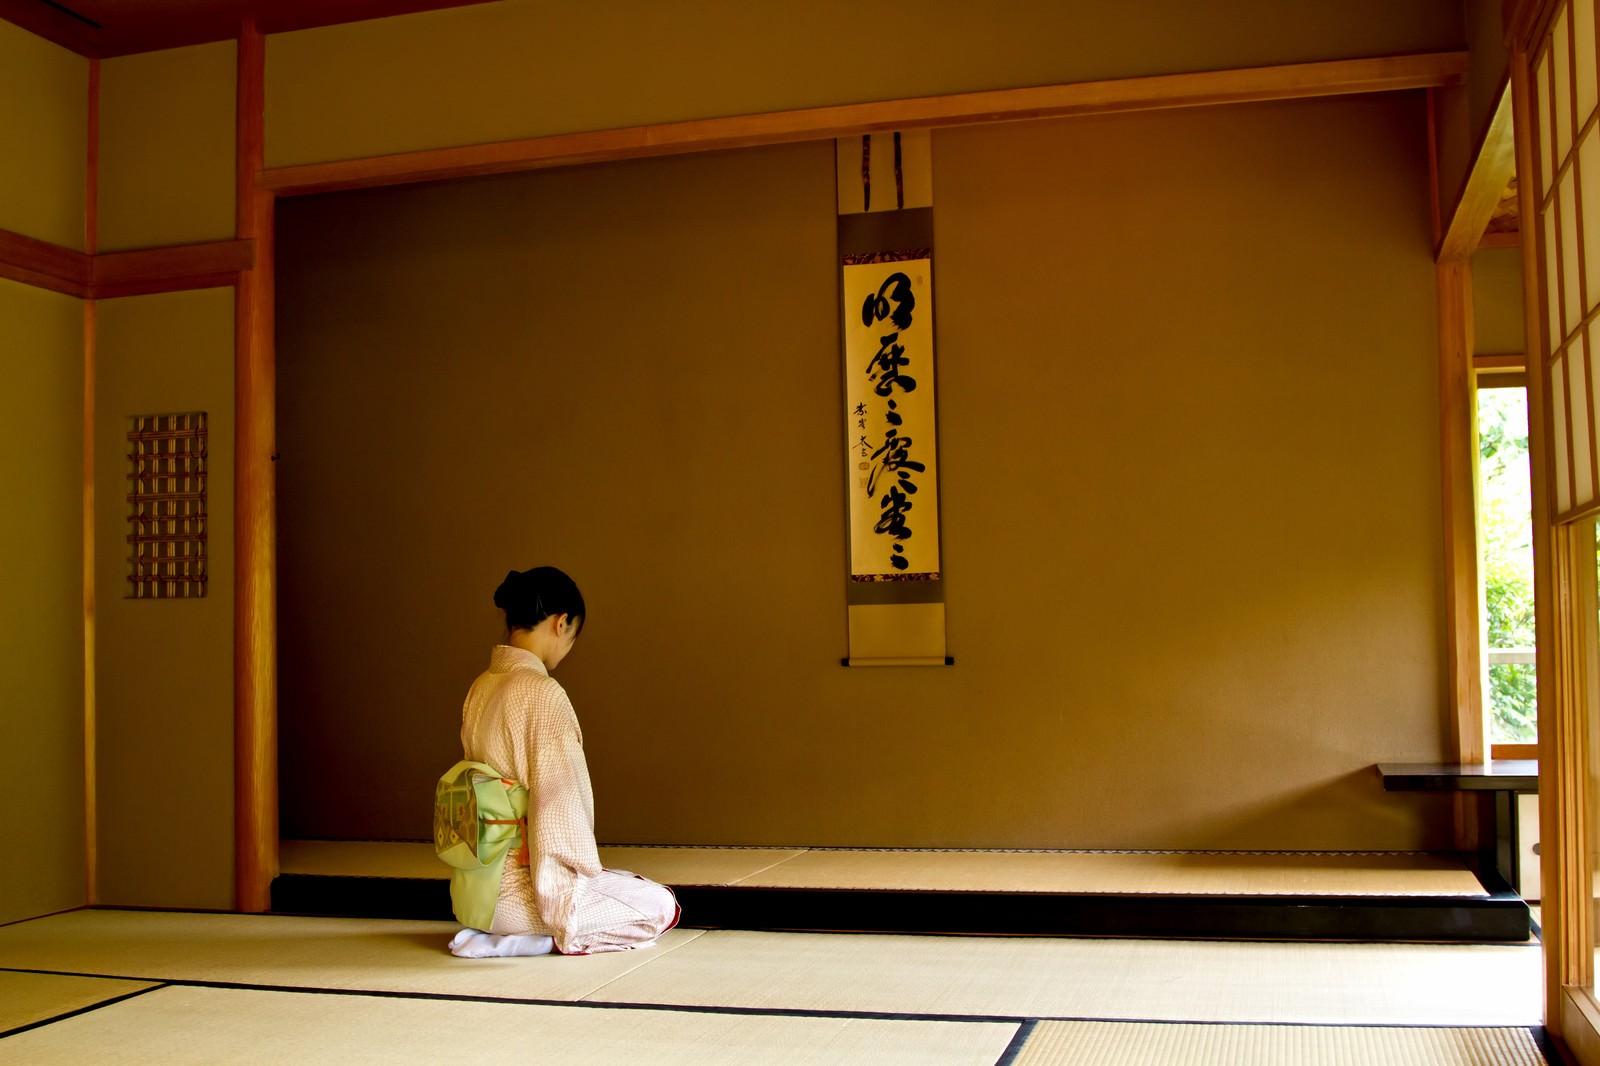 「掛け軸の前で正座する着物女性」の写真[モデル:きせんひろみ]